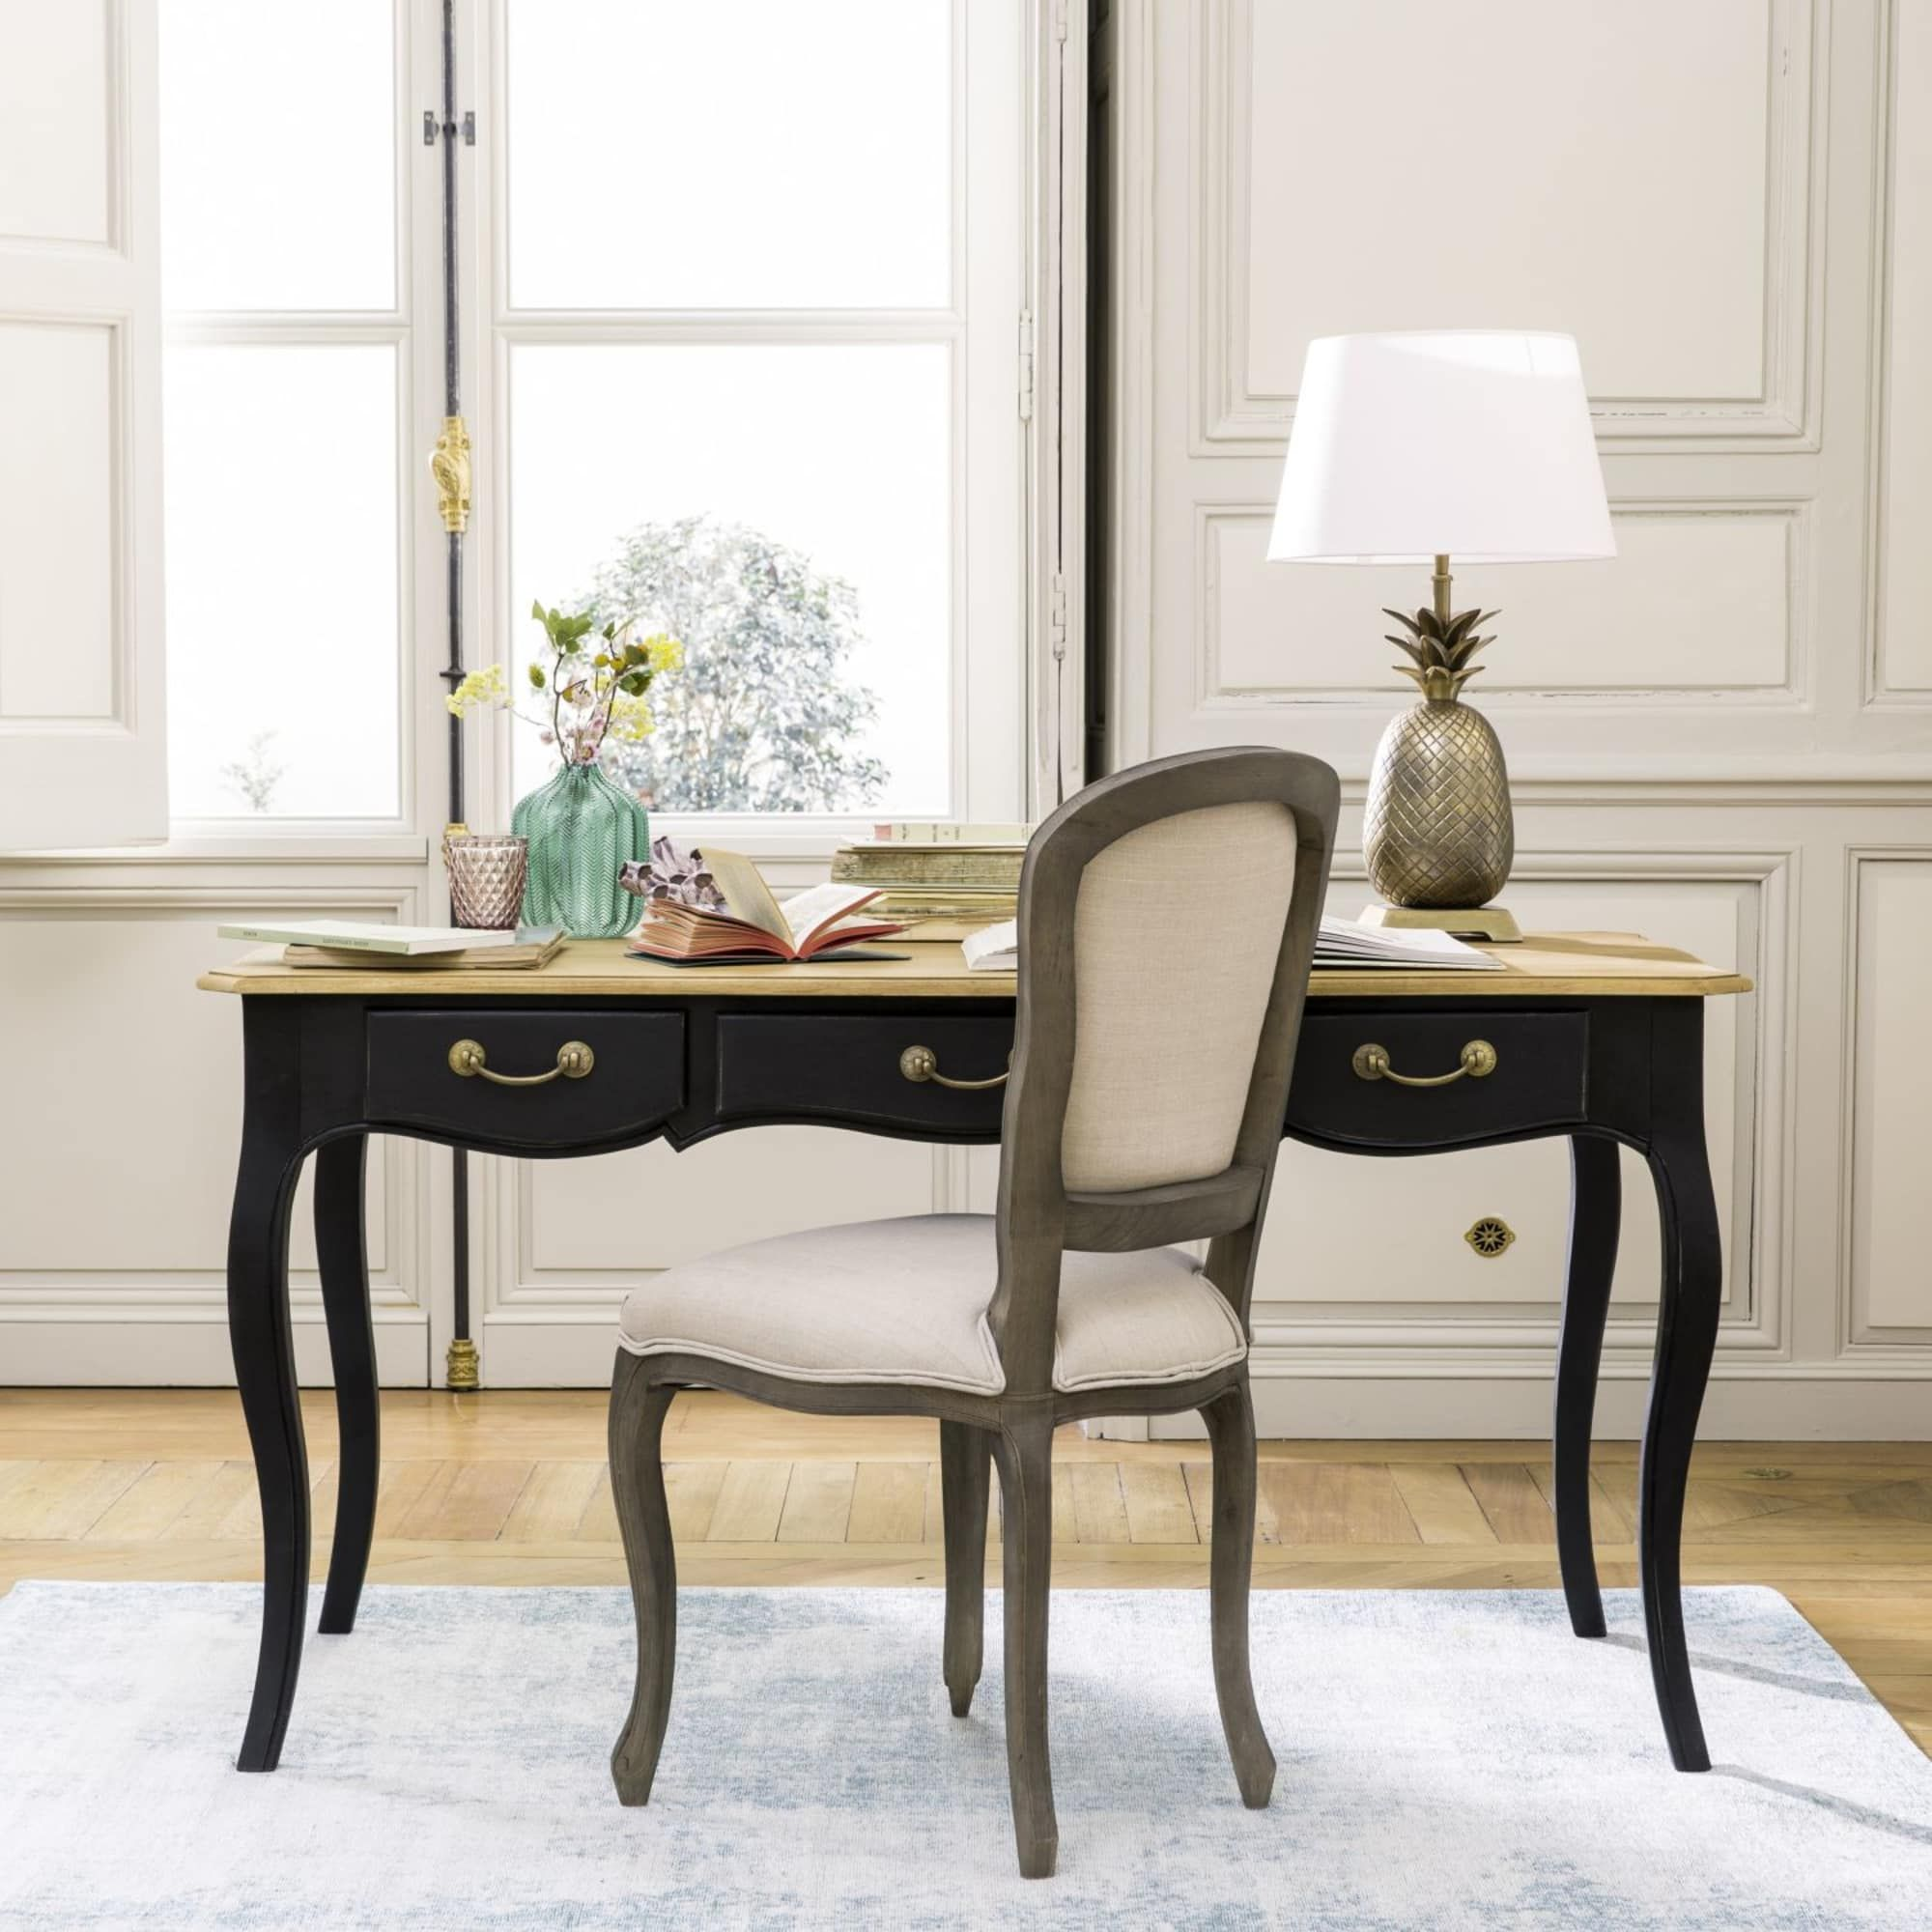 Bureau En Manguier Noir Versailles Maisons Du Monde Home Decor Mango Wood Desk Affordable Furniture